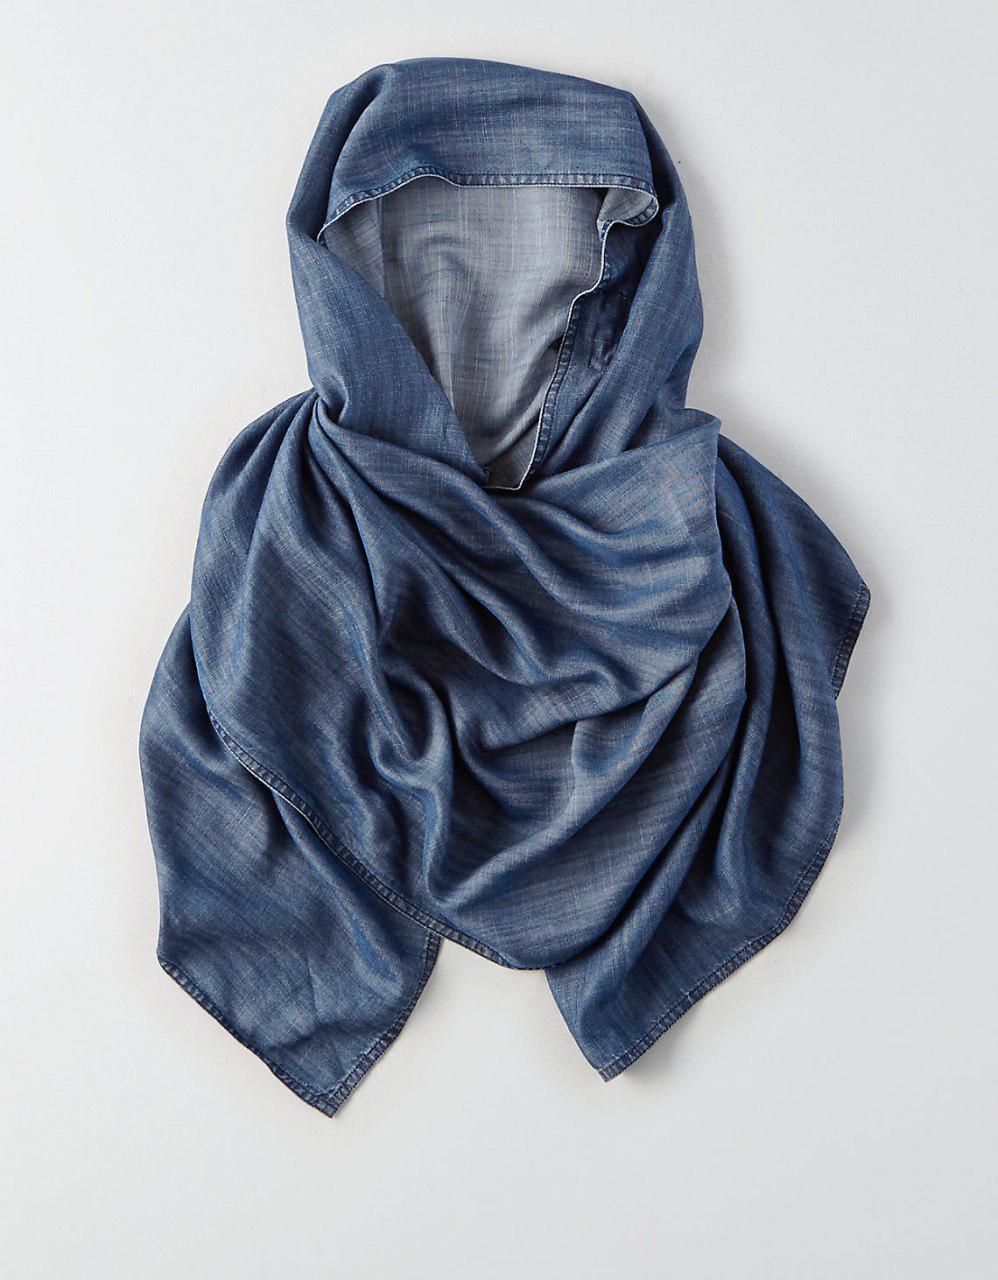 تصویر تولید و فروش روسری توسط یک برند معروف آمریکایی